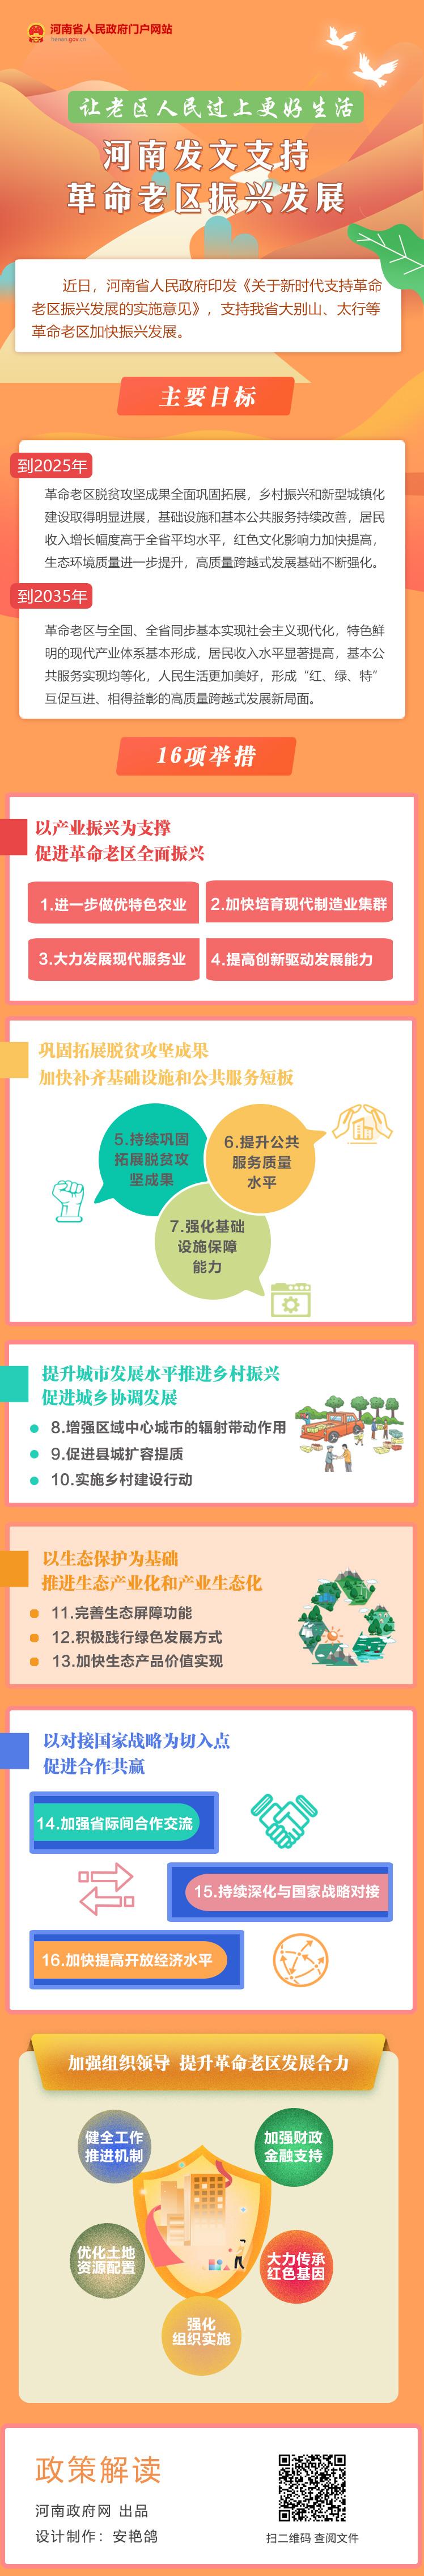 图解:让老区人民过上更好生活!河南发文支持革命老区振兴发展